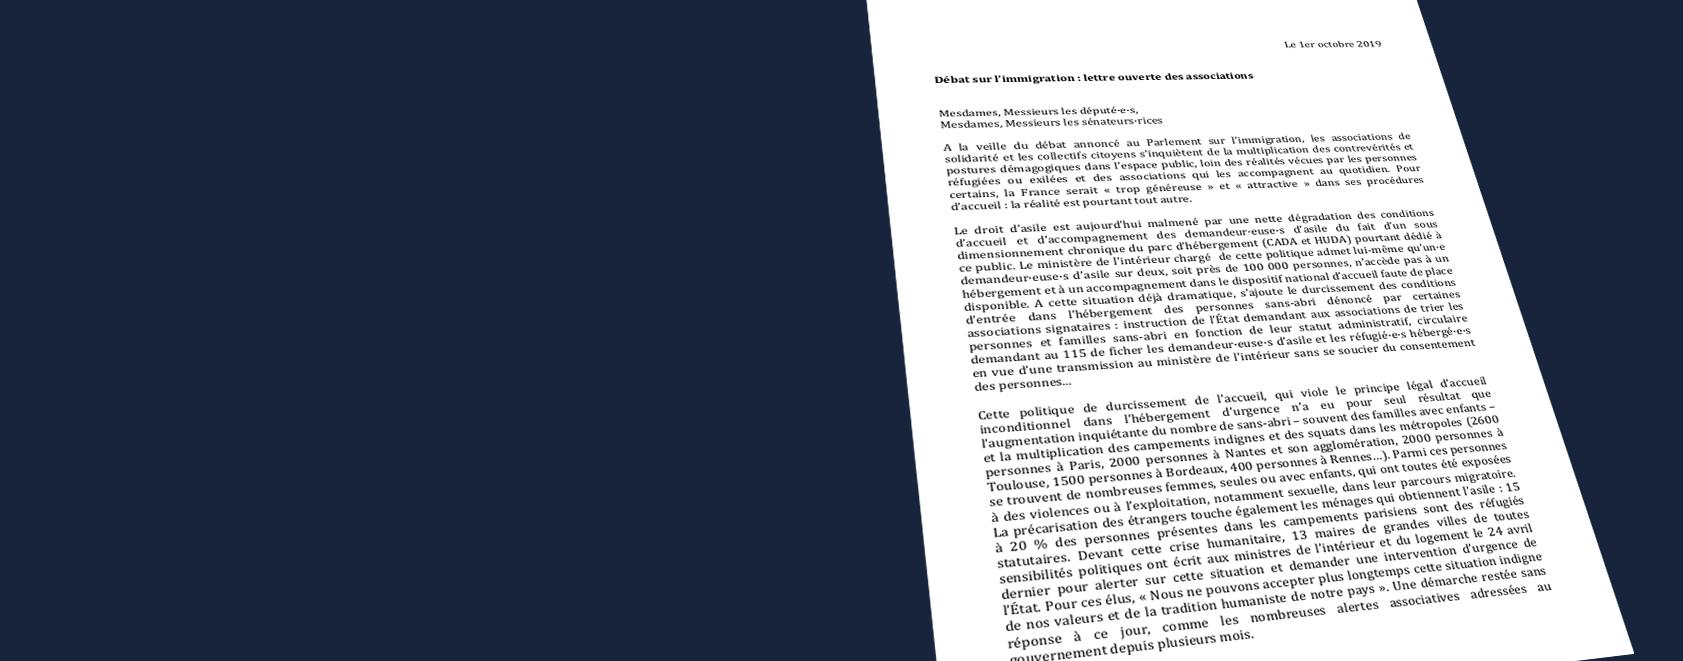 Débat sur l'immigration : la Fapil co-signataire d'une lettre ouverte aux parlementaires